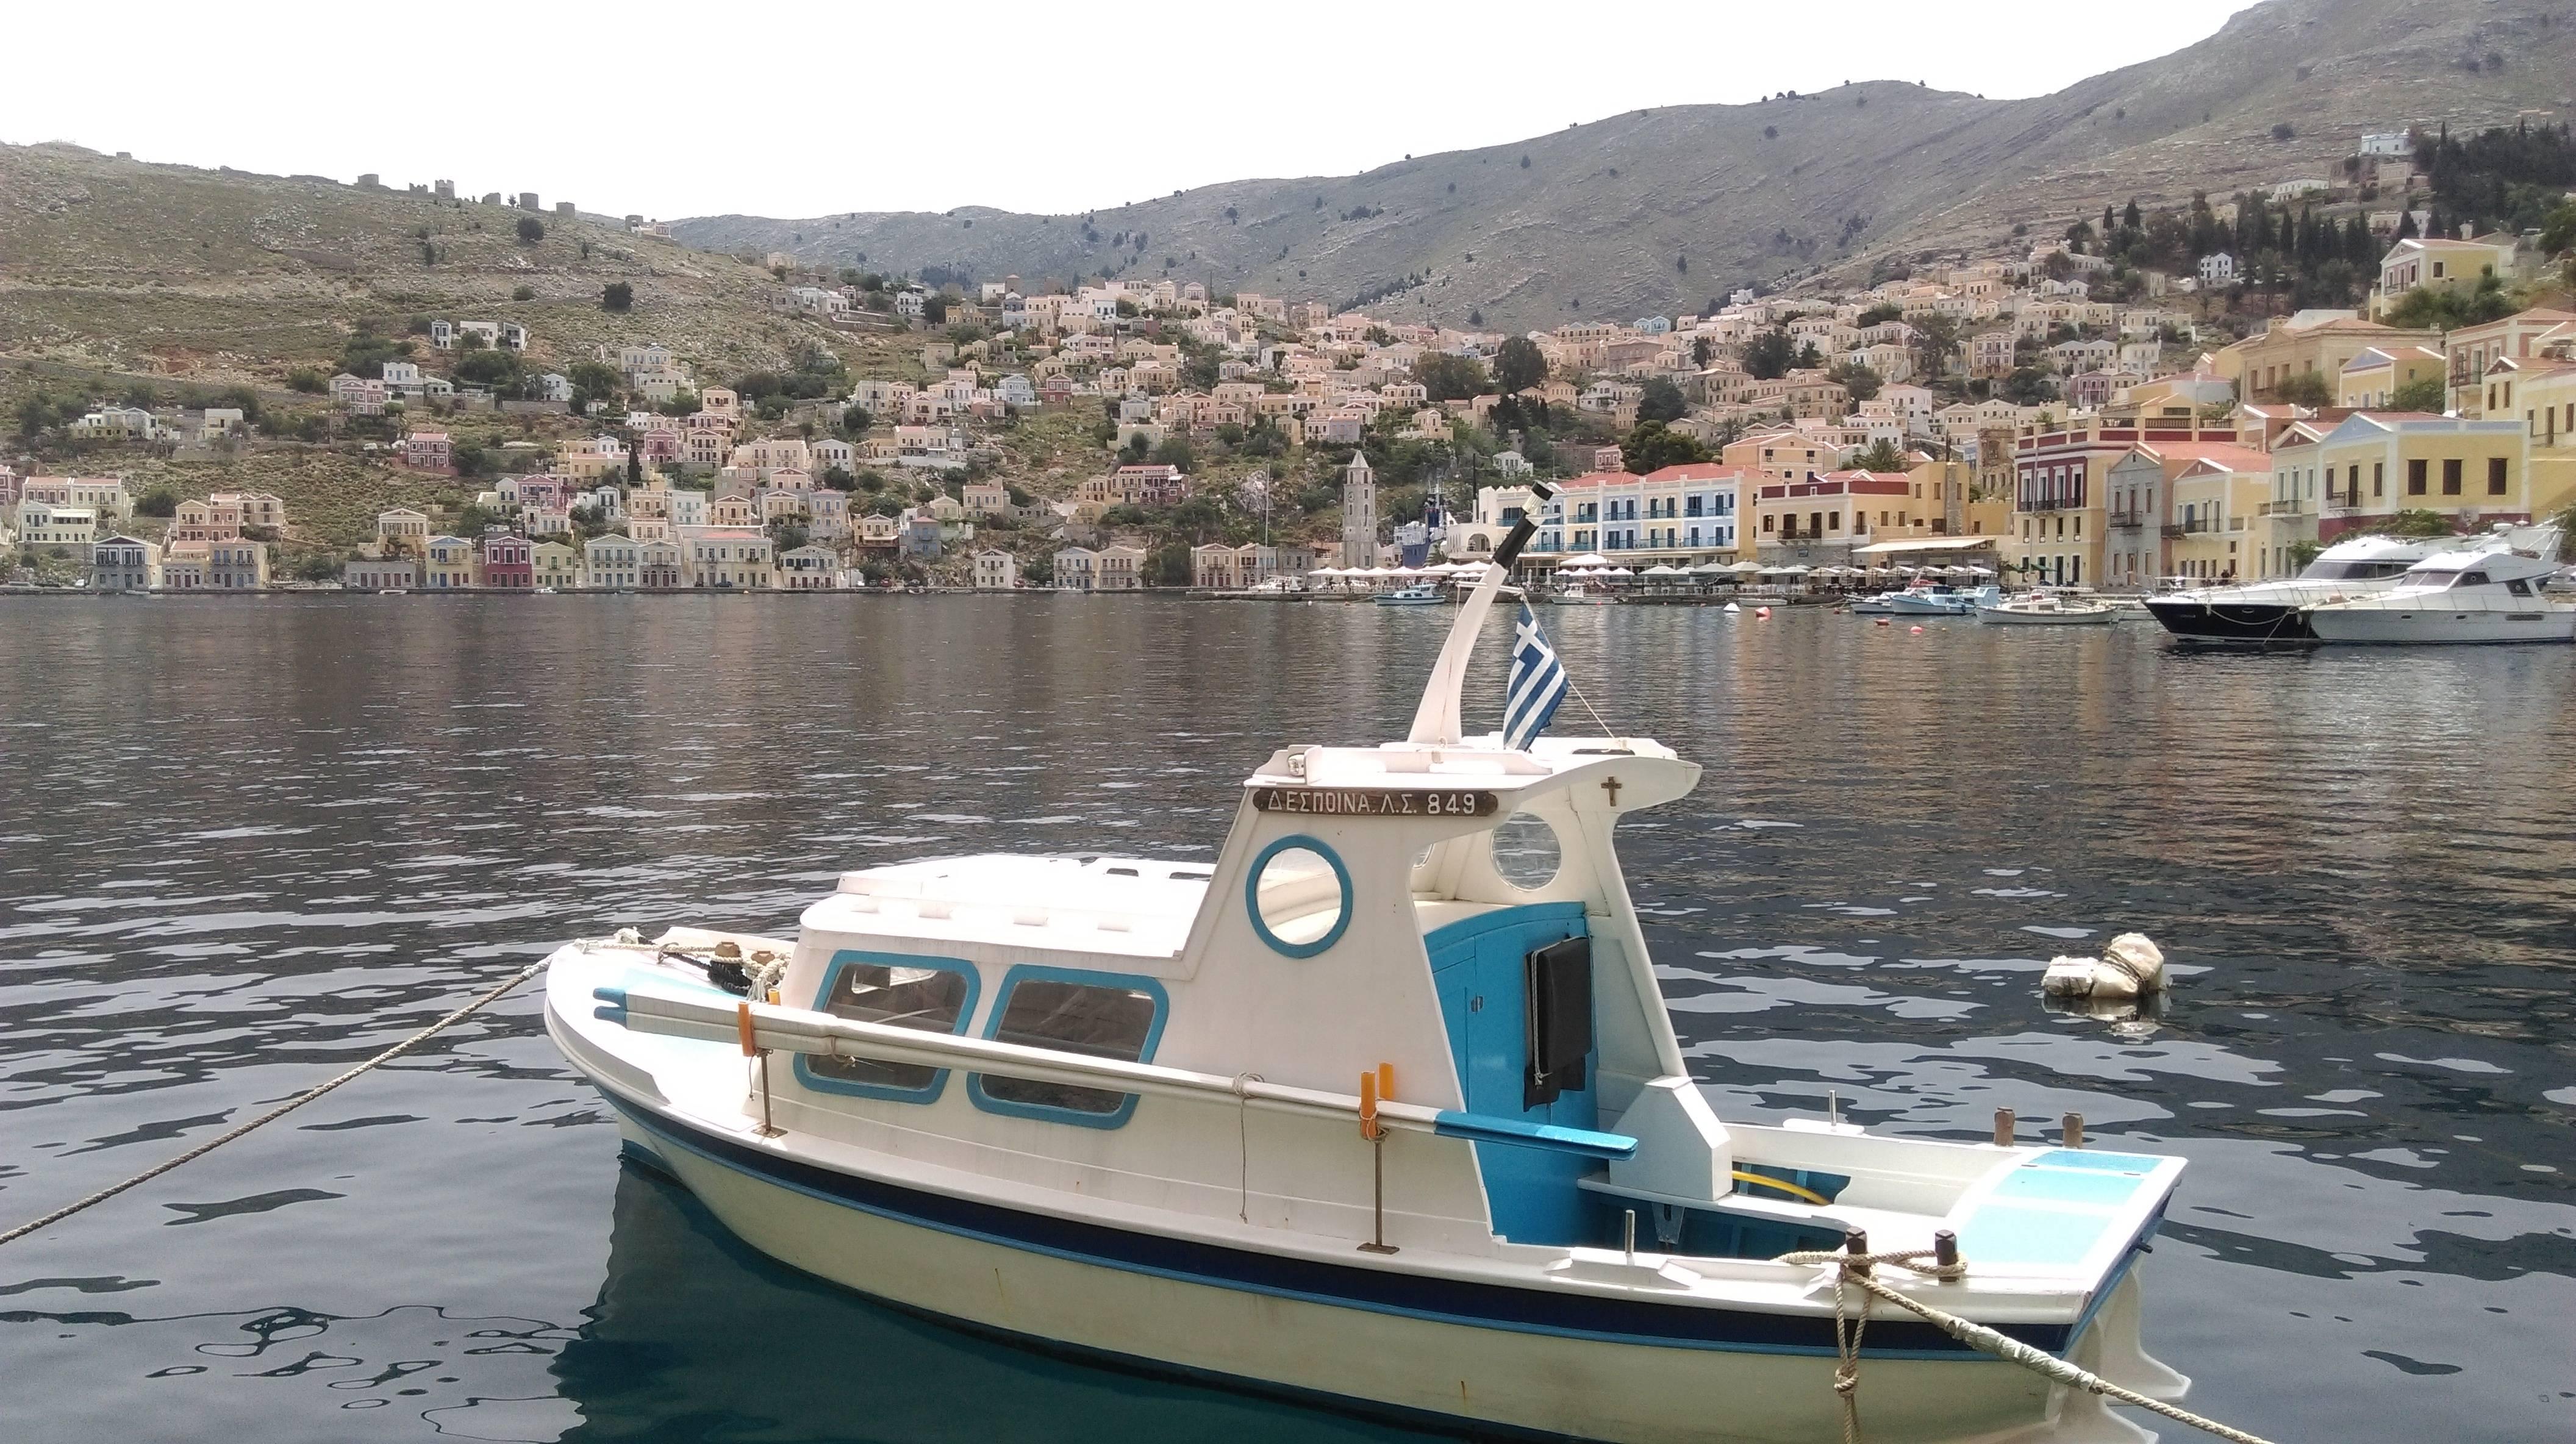 Photo 3: Un village de pecheurs perdu en mer